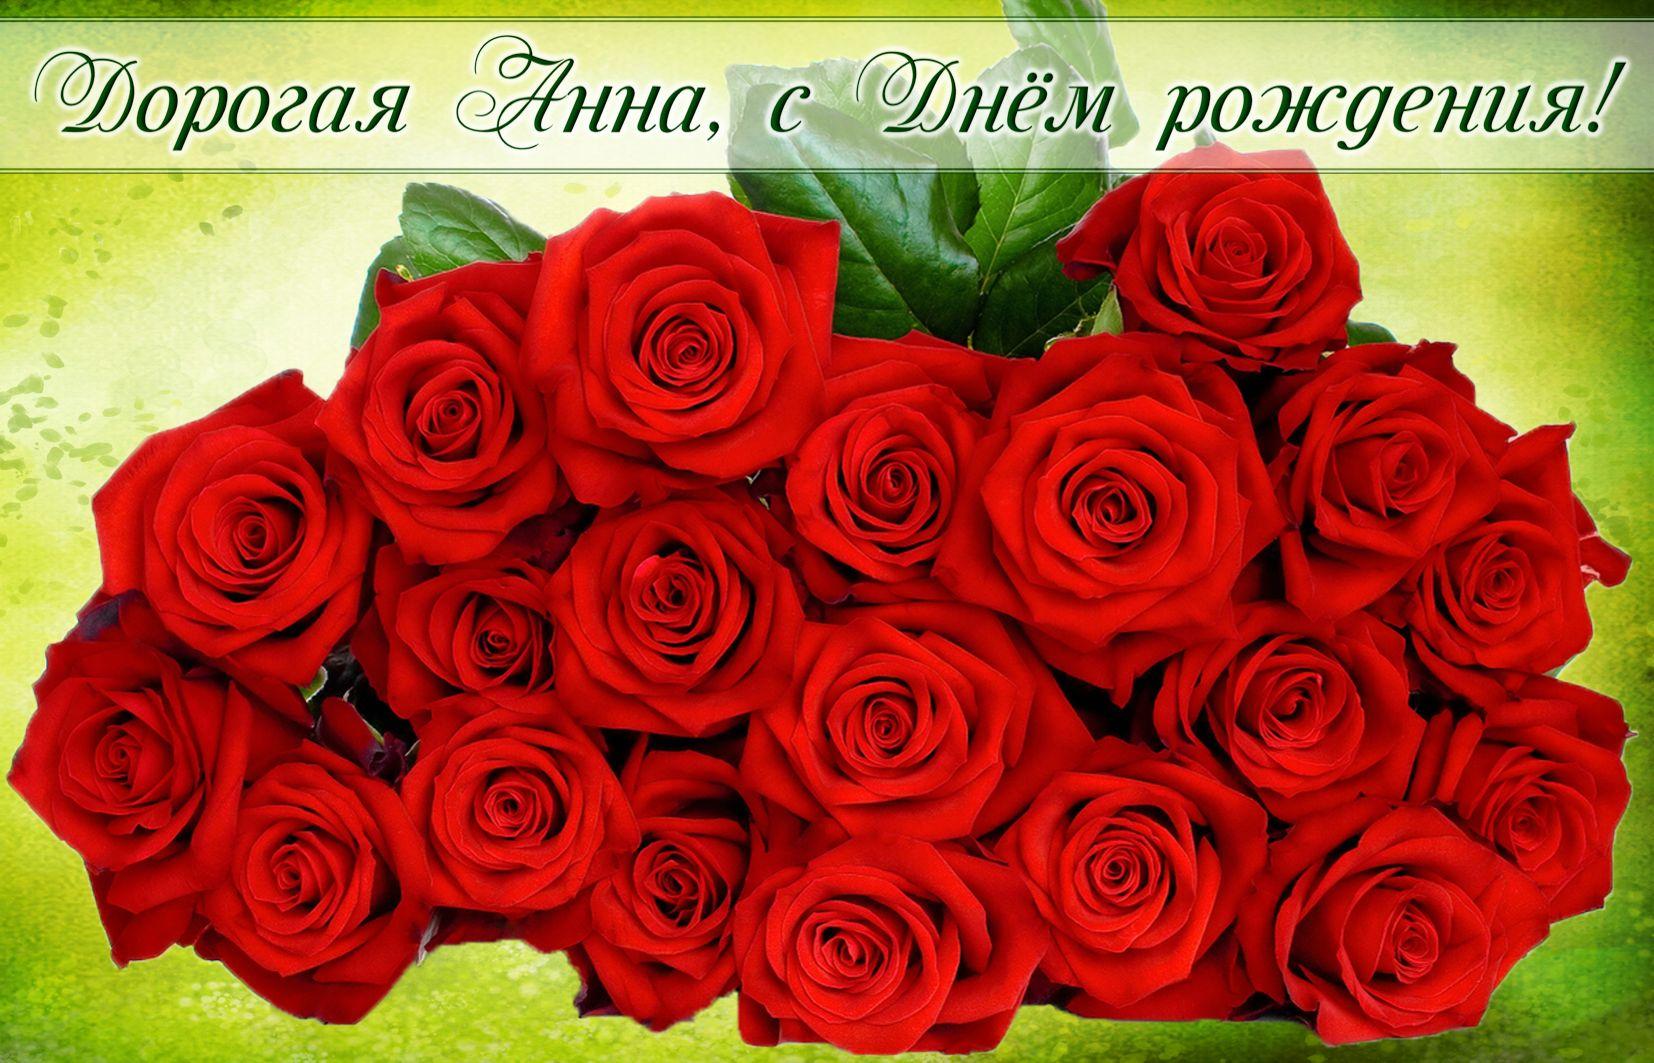 Поздравления с днем рождения Анне в стихах 59